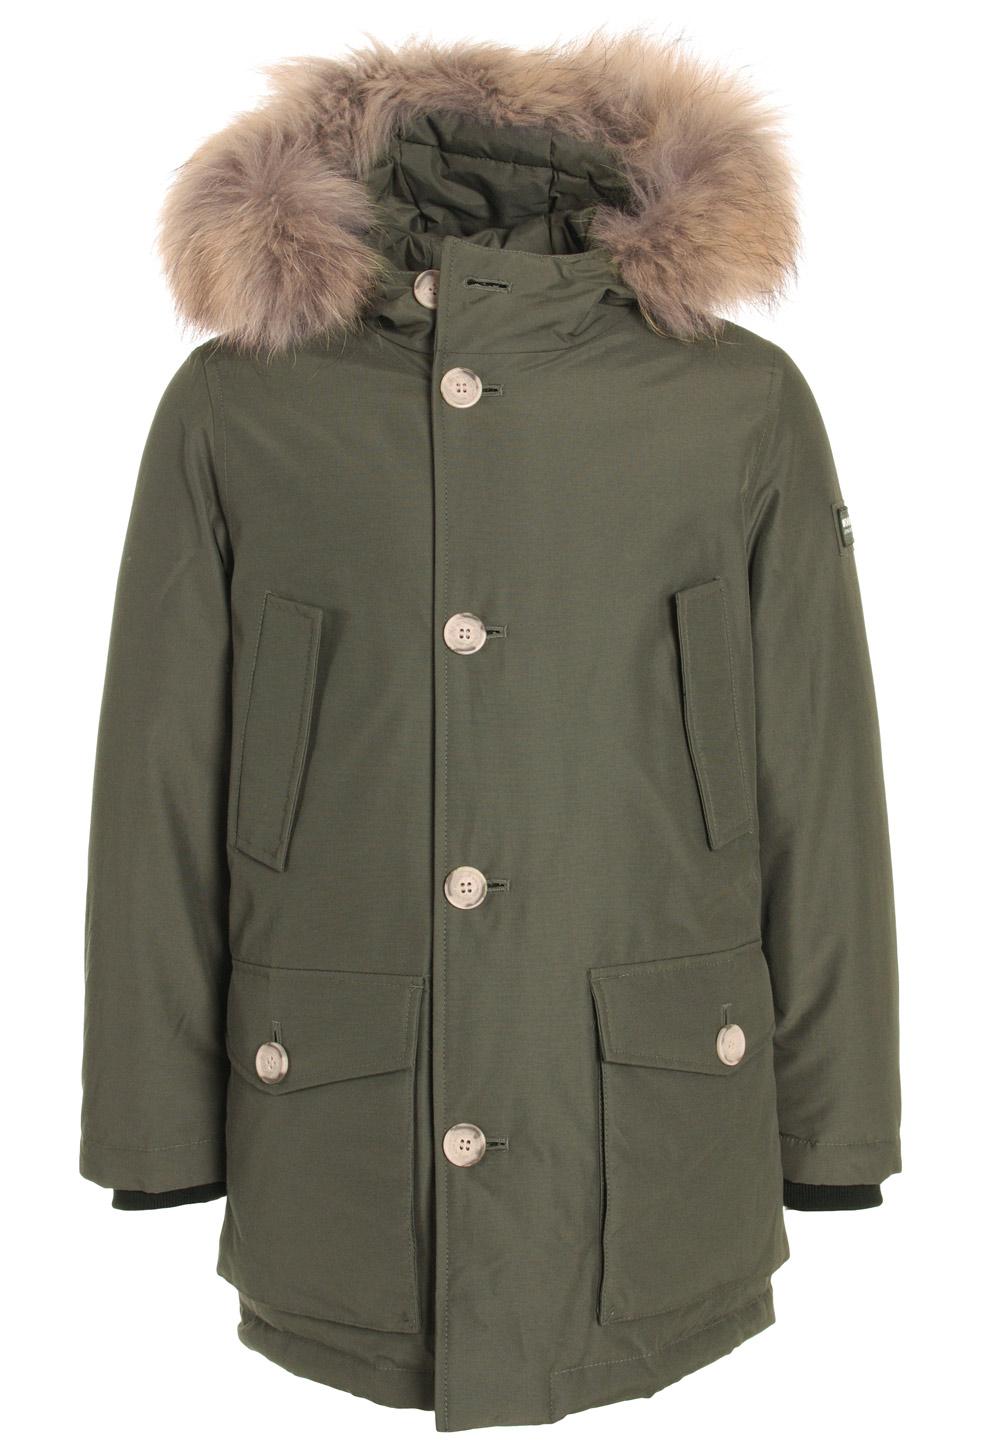 woolrich arctic jacket. Black Bedroom Furniture Sets. Home Design Ideas